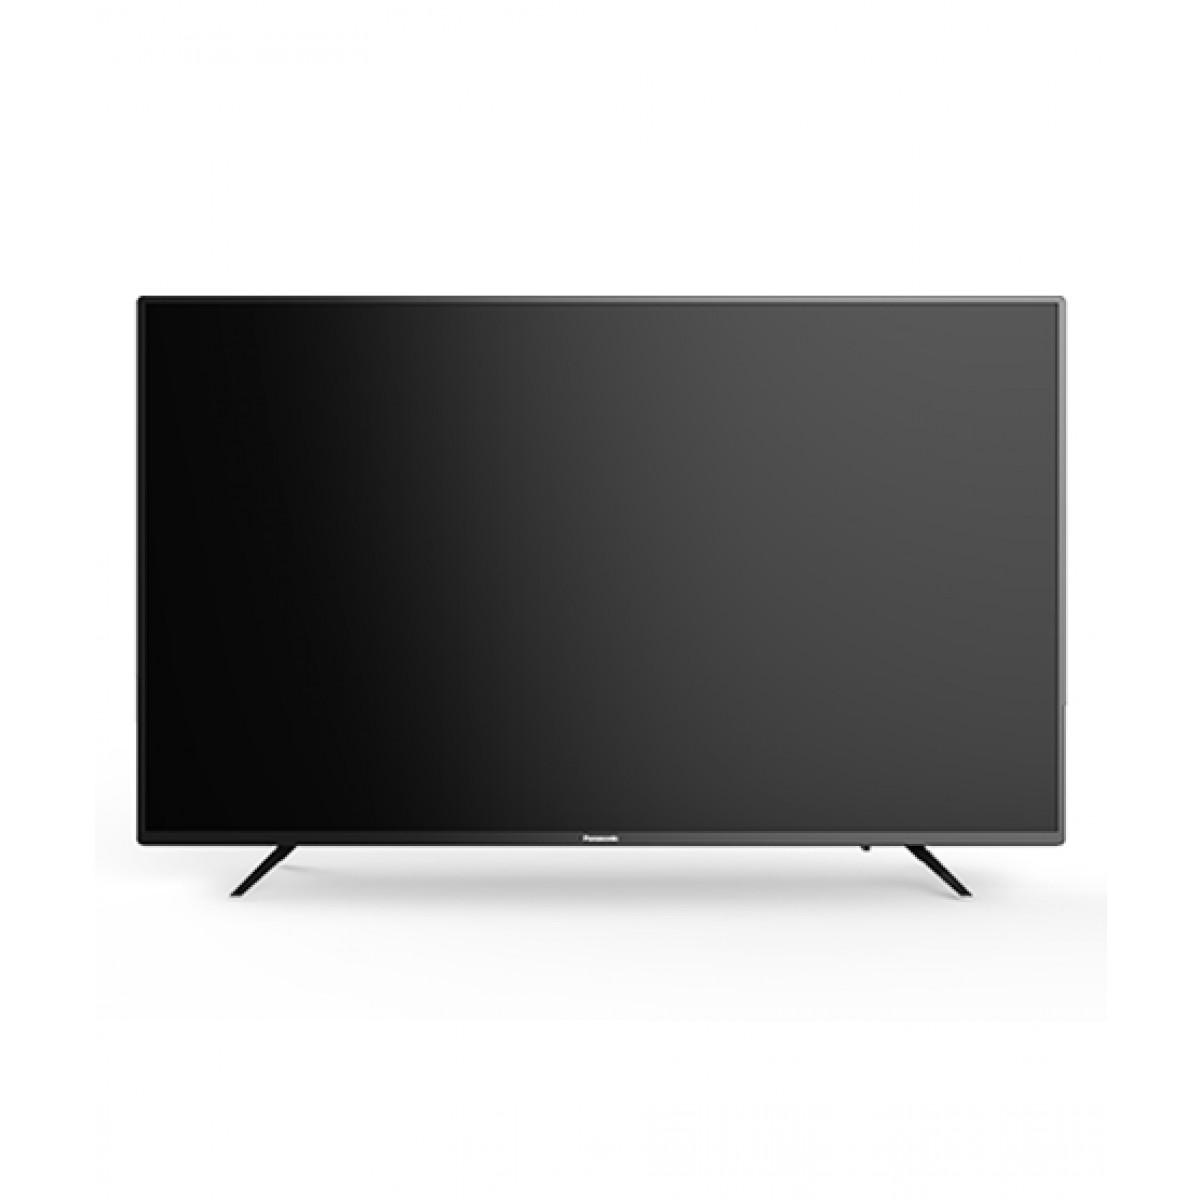 """Panasonic 32"""" HD LED TV (TH-32F336M)"""